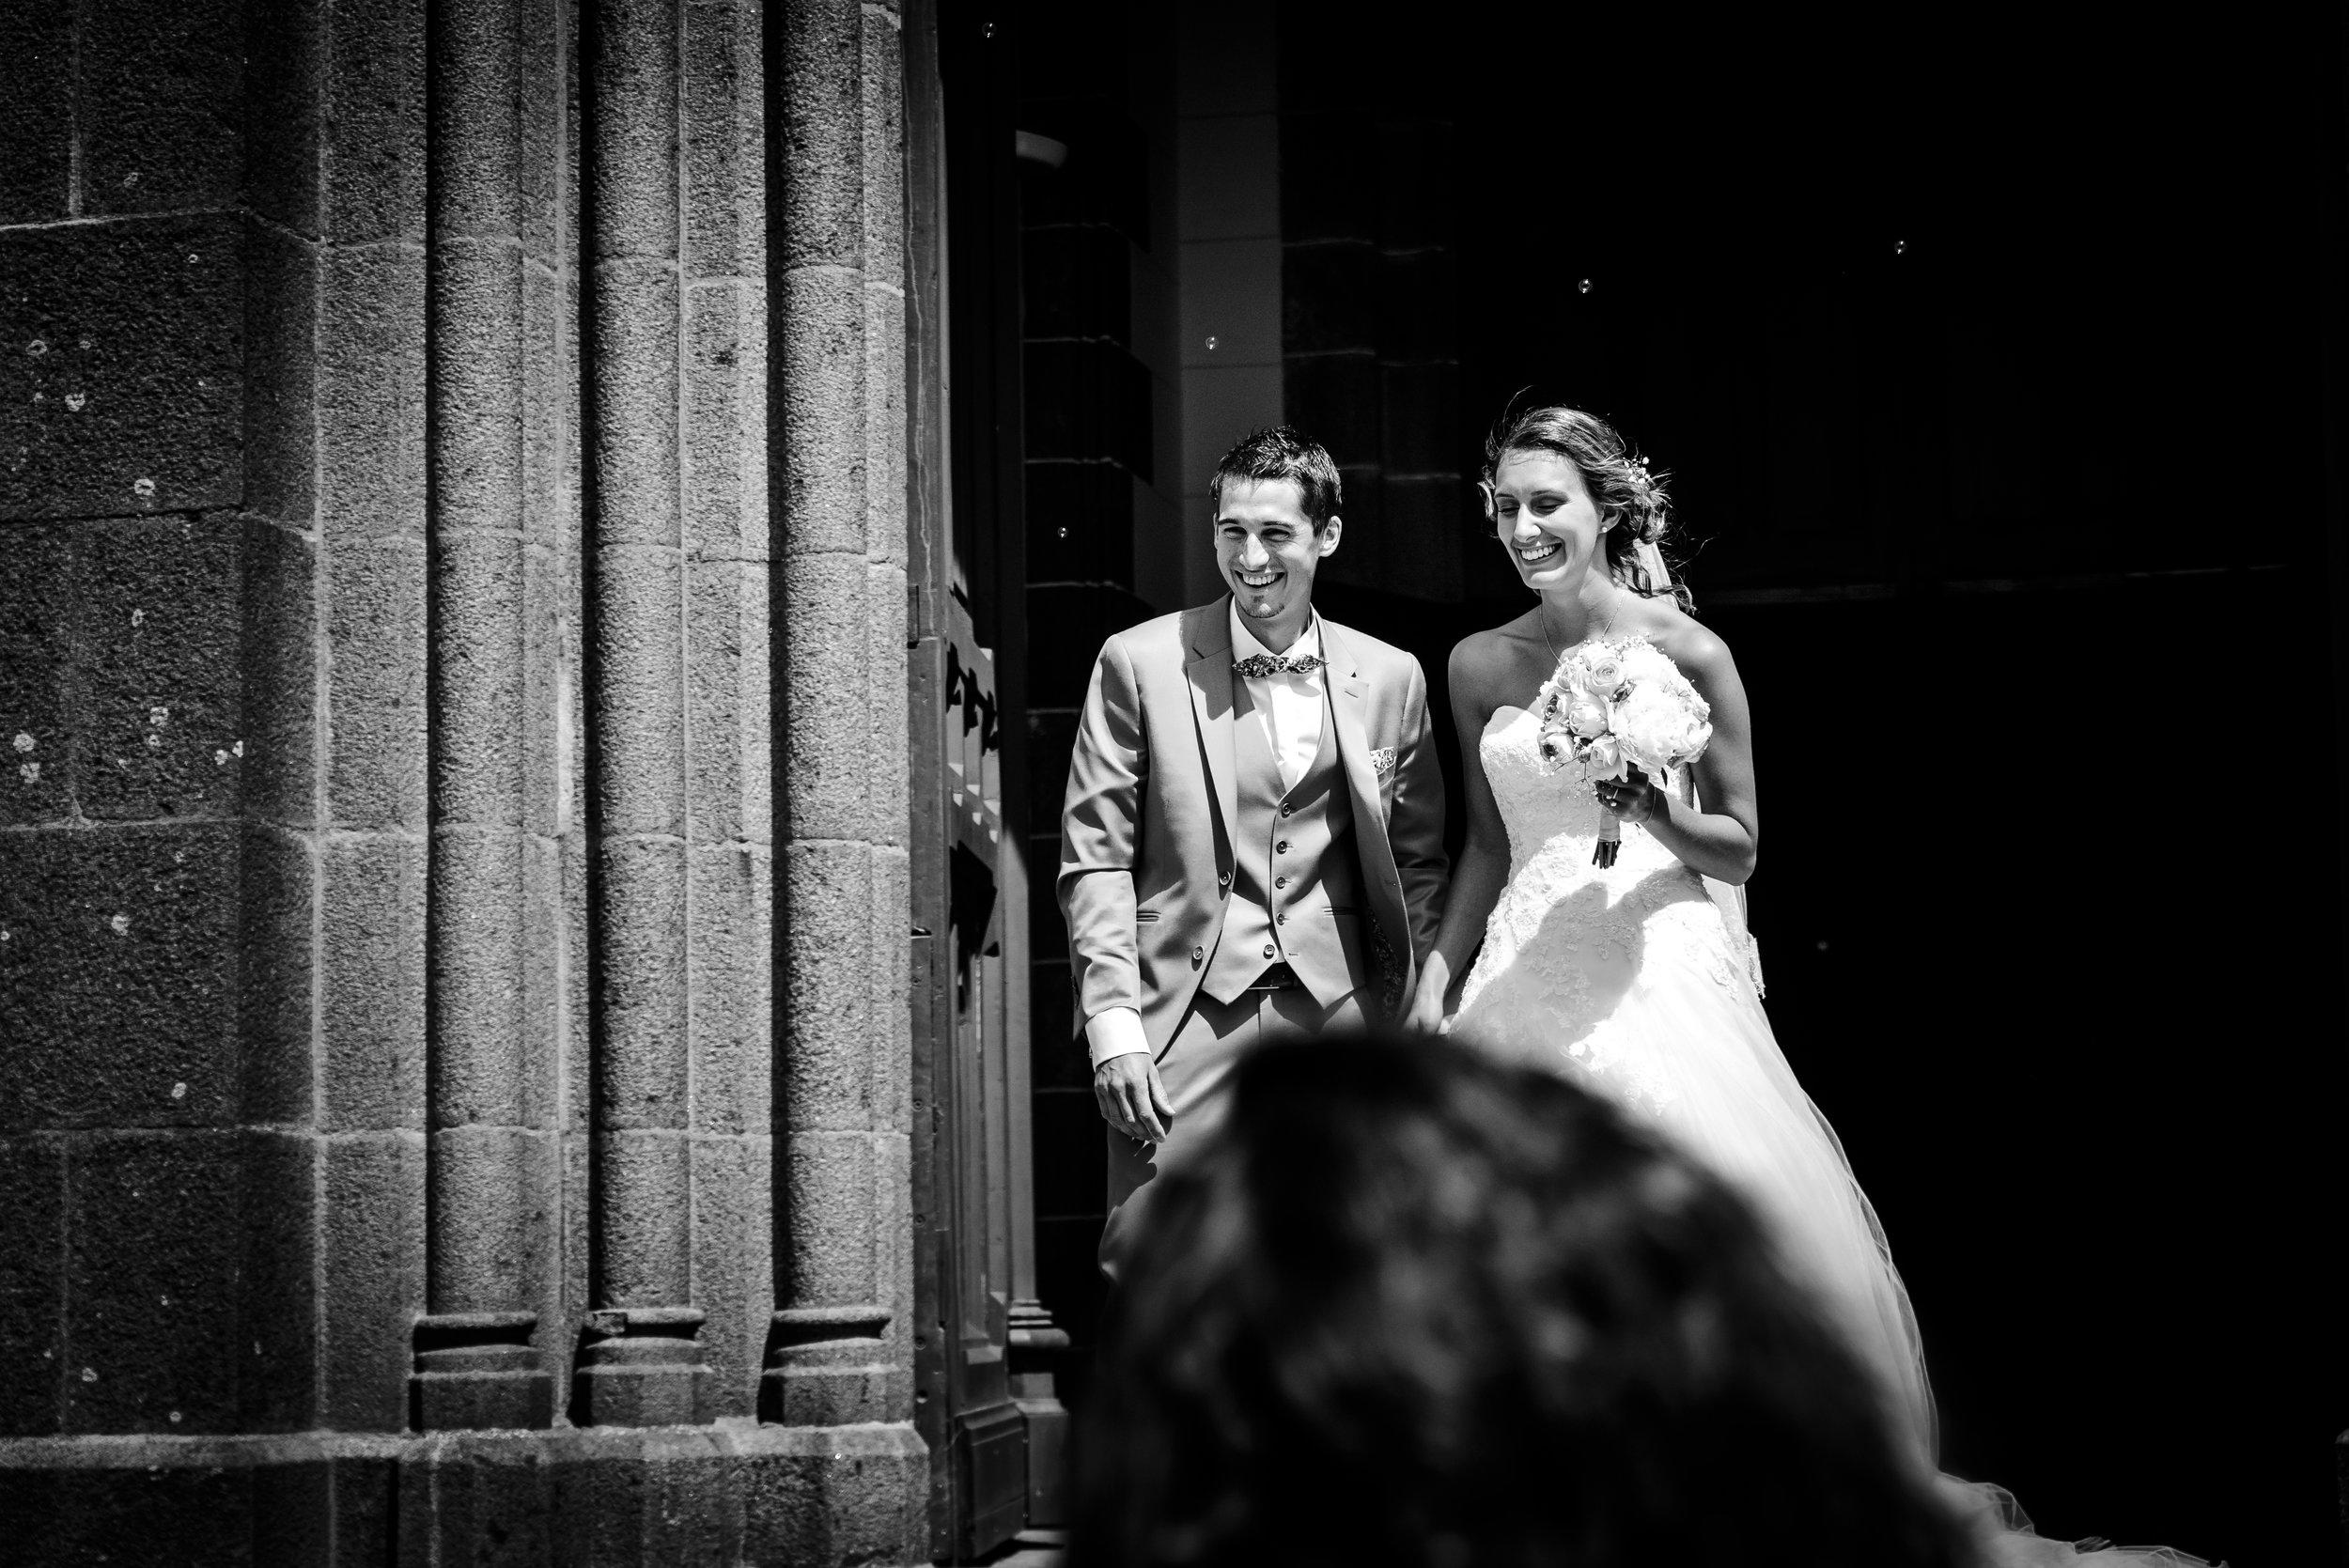 Andréa et Aymeric - Mot de passe: la date du mariage au format 000000 (ex: 140718)